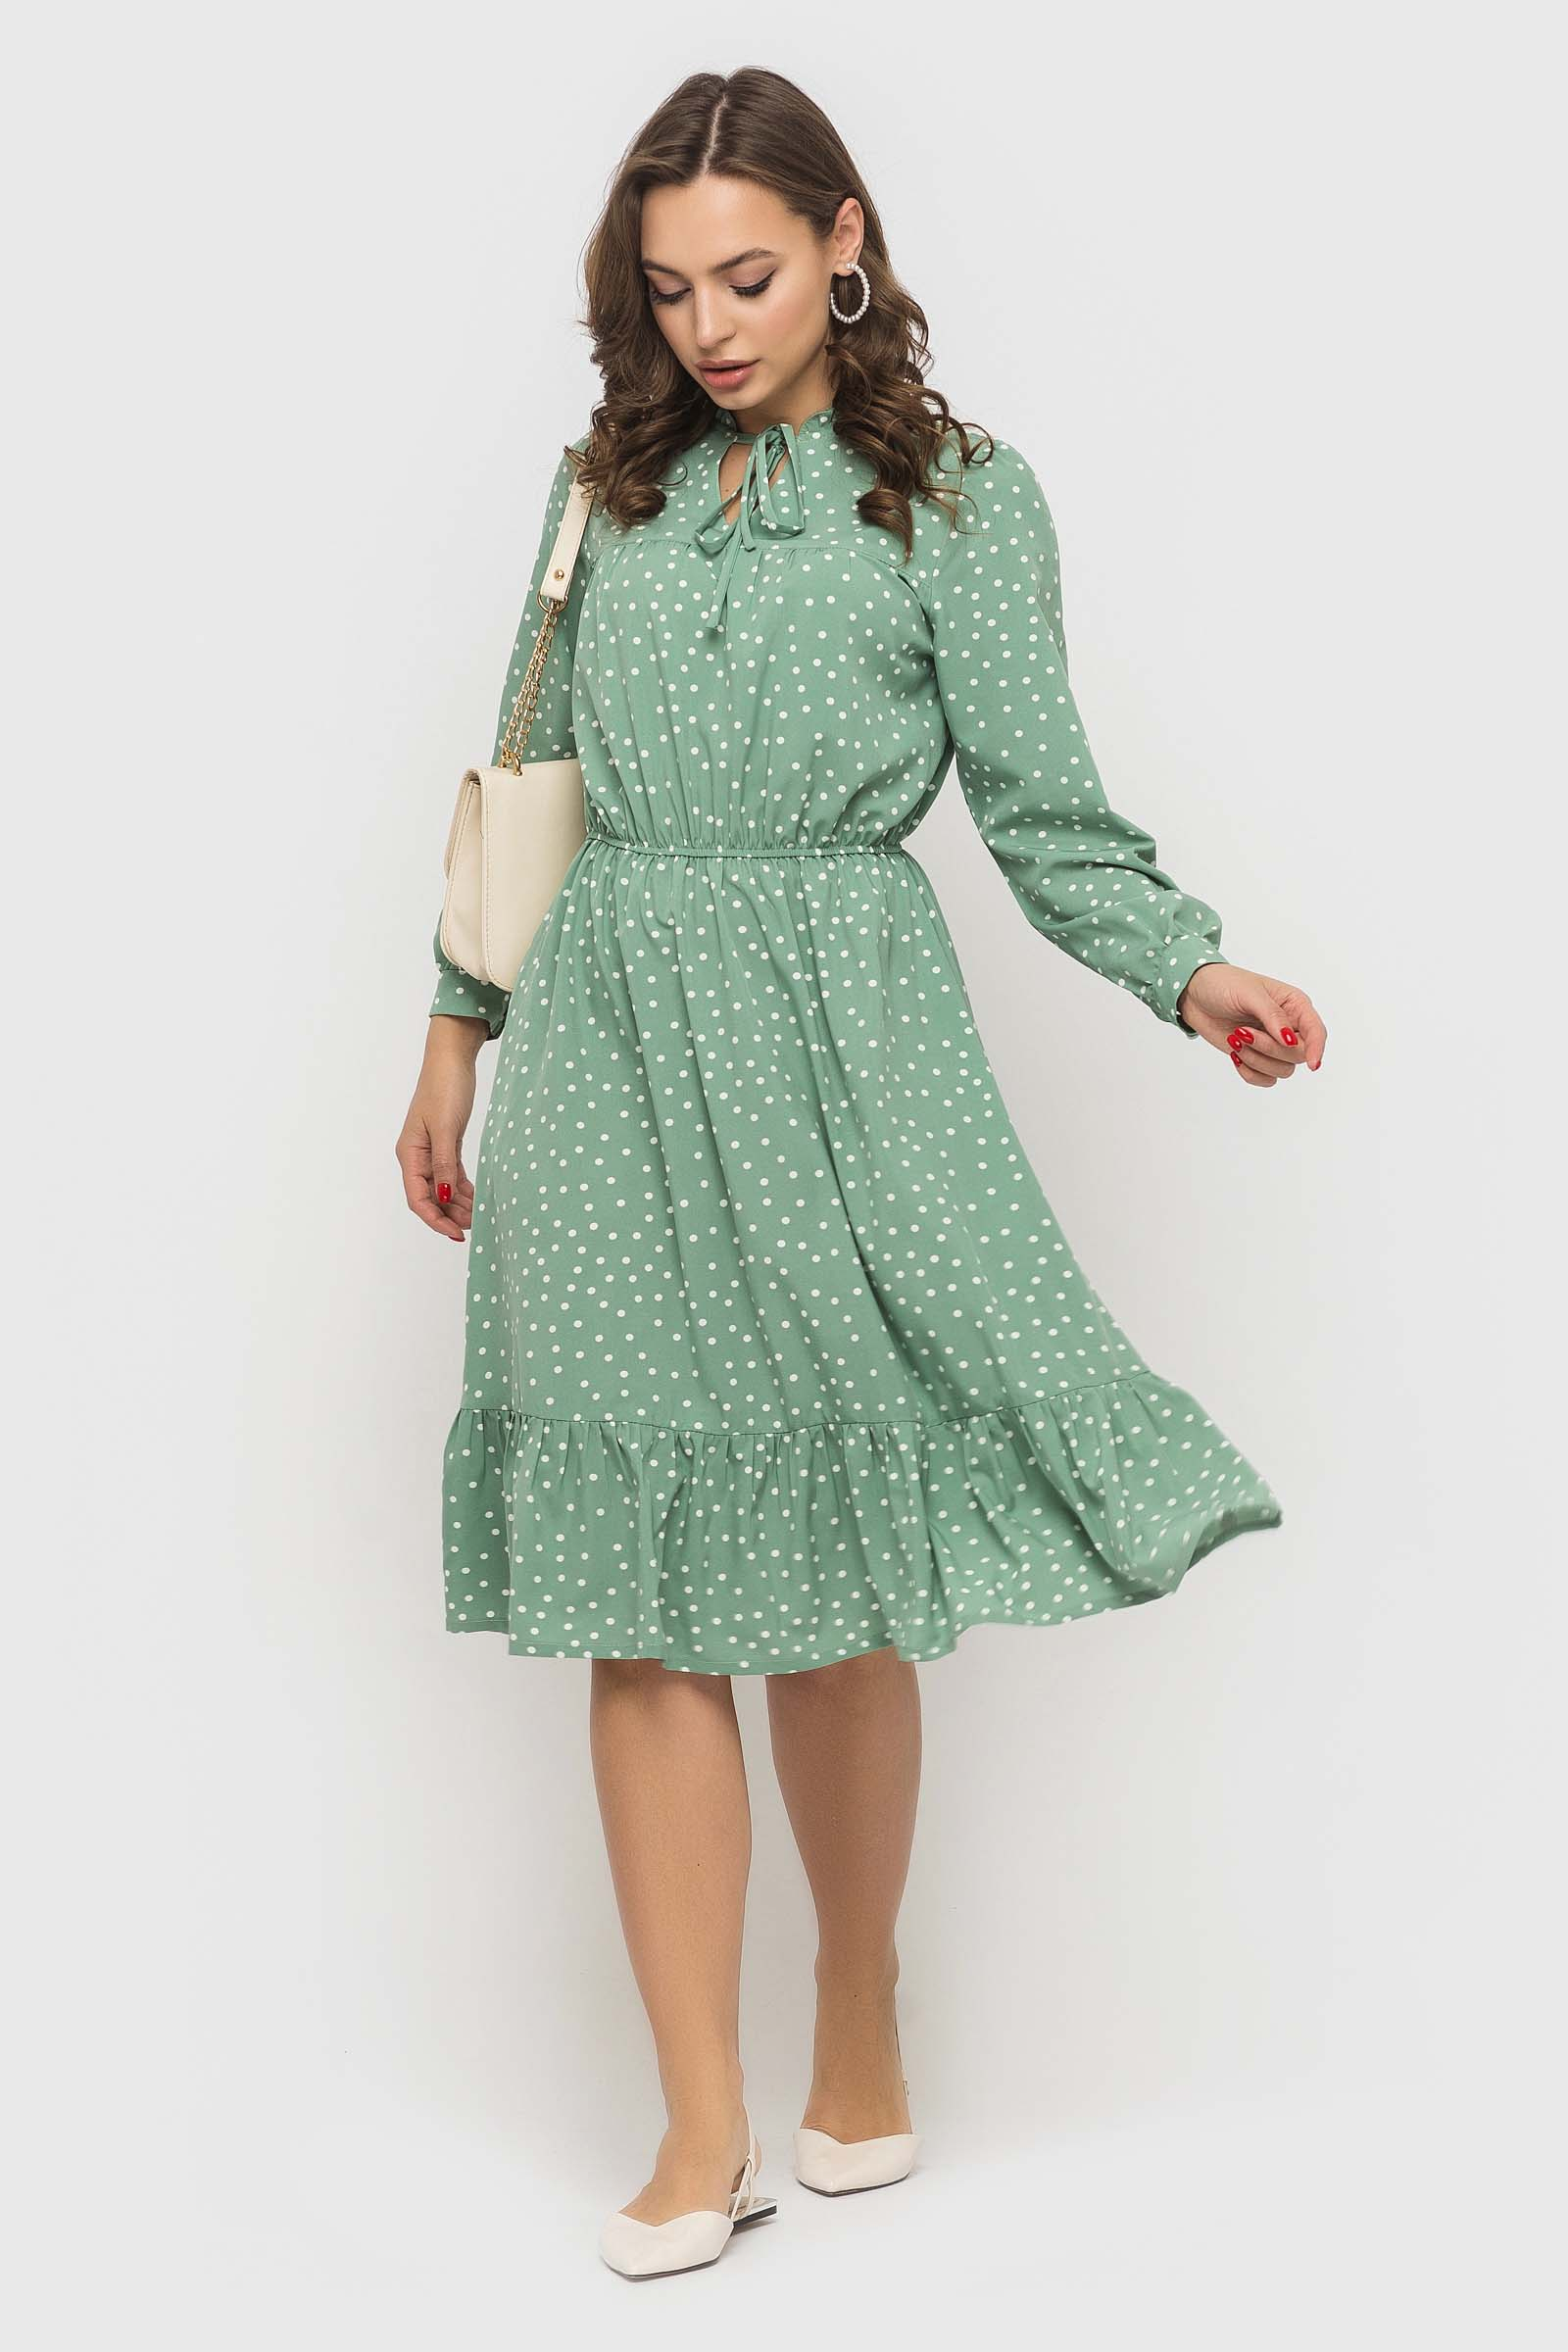 be art 2020 04 07182248 Купить платье